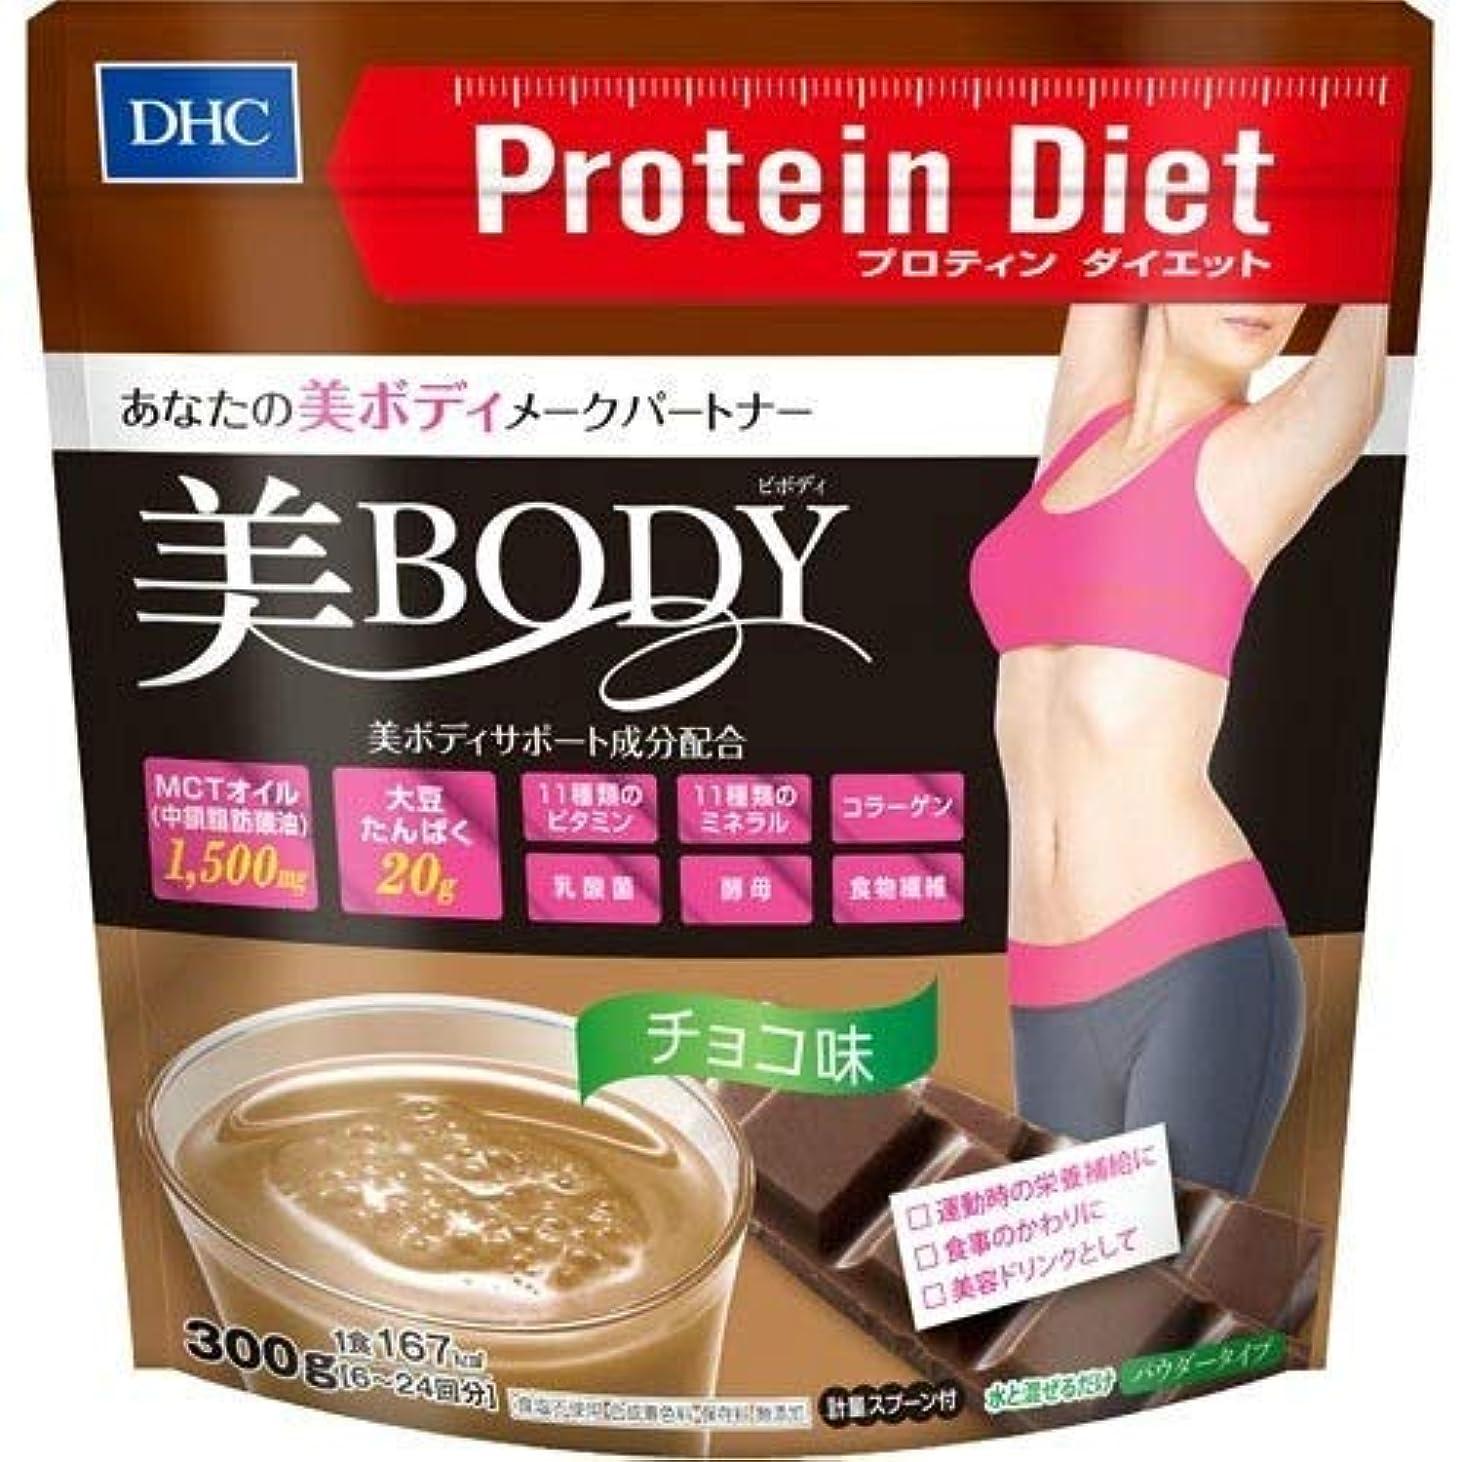 圧縮保持する保持するDHC プロテインダイエット 美Body チョコ味 300g